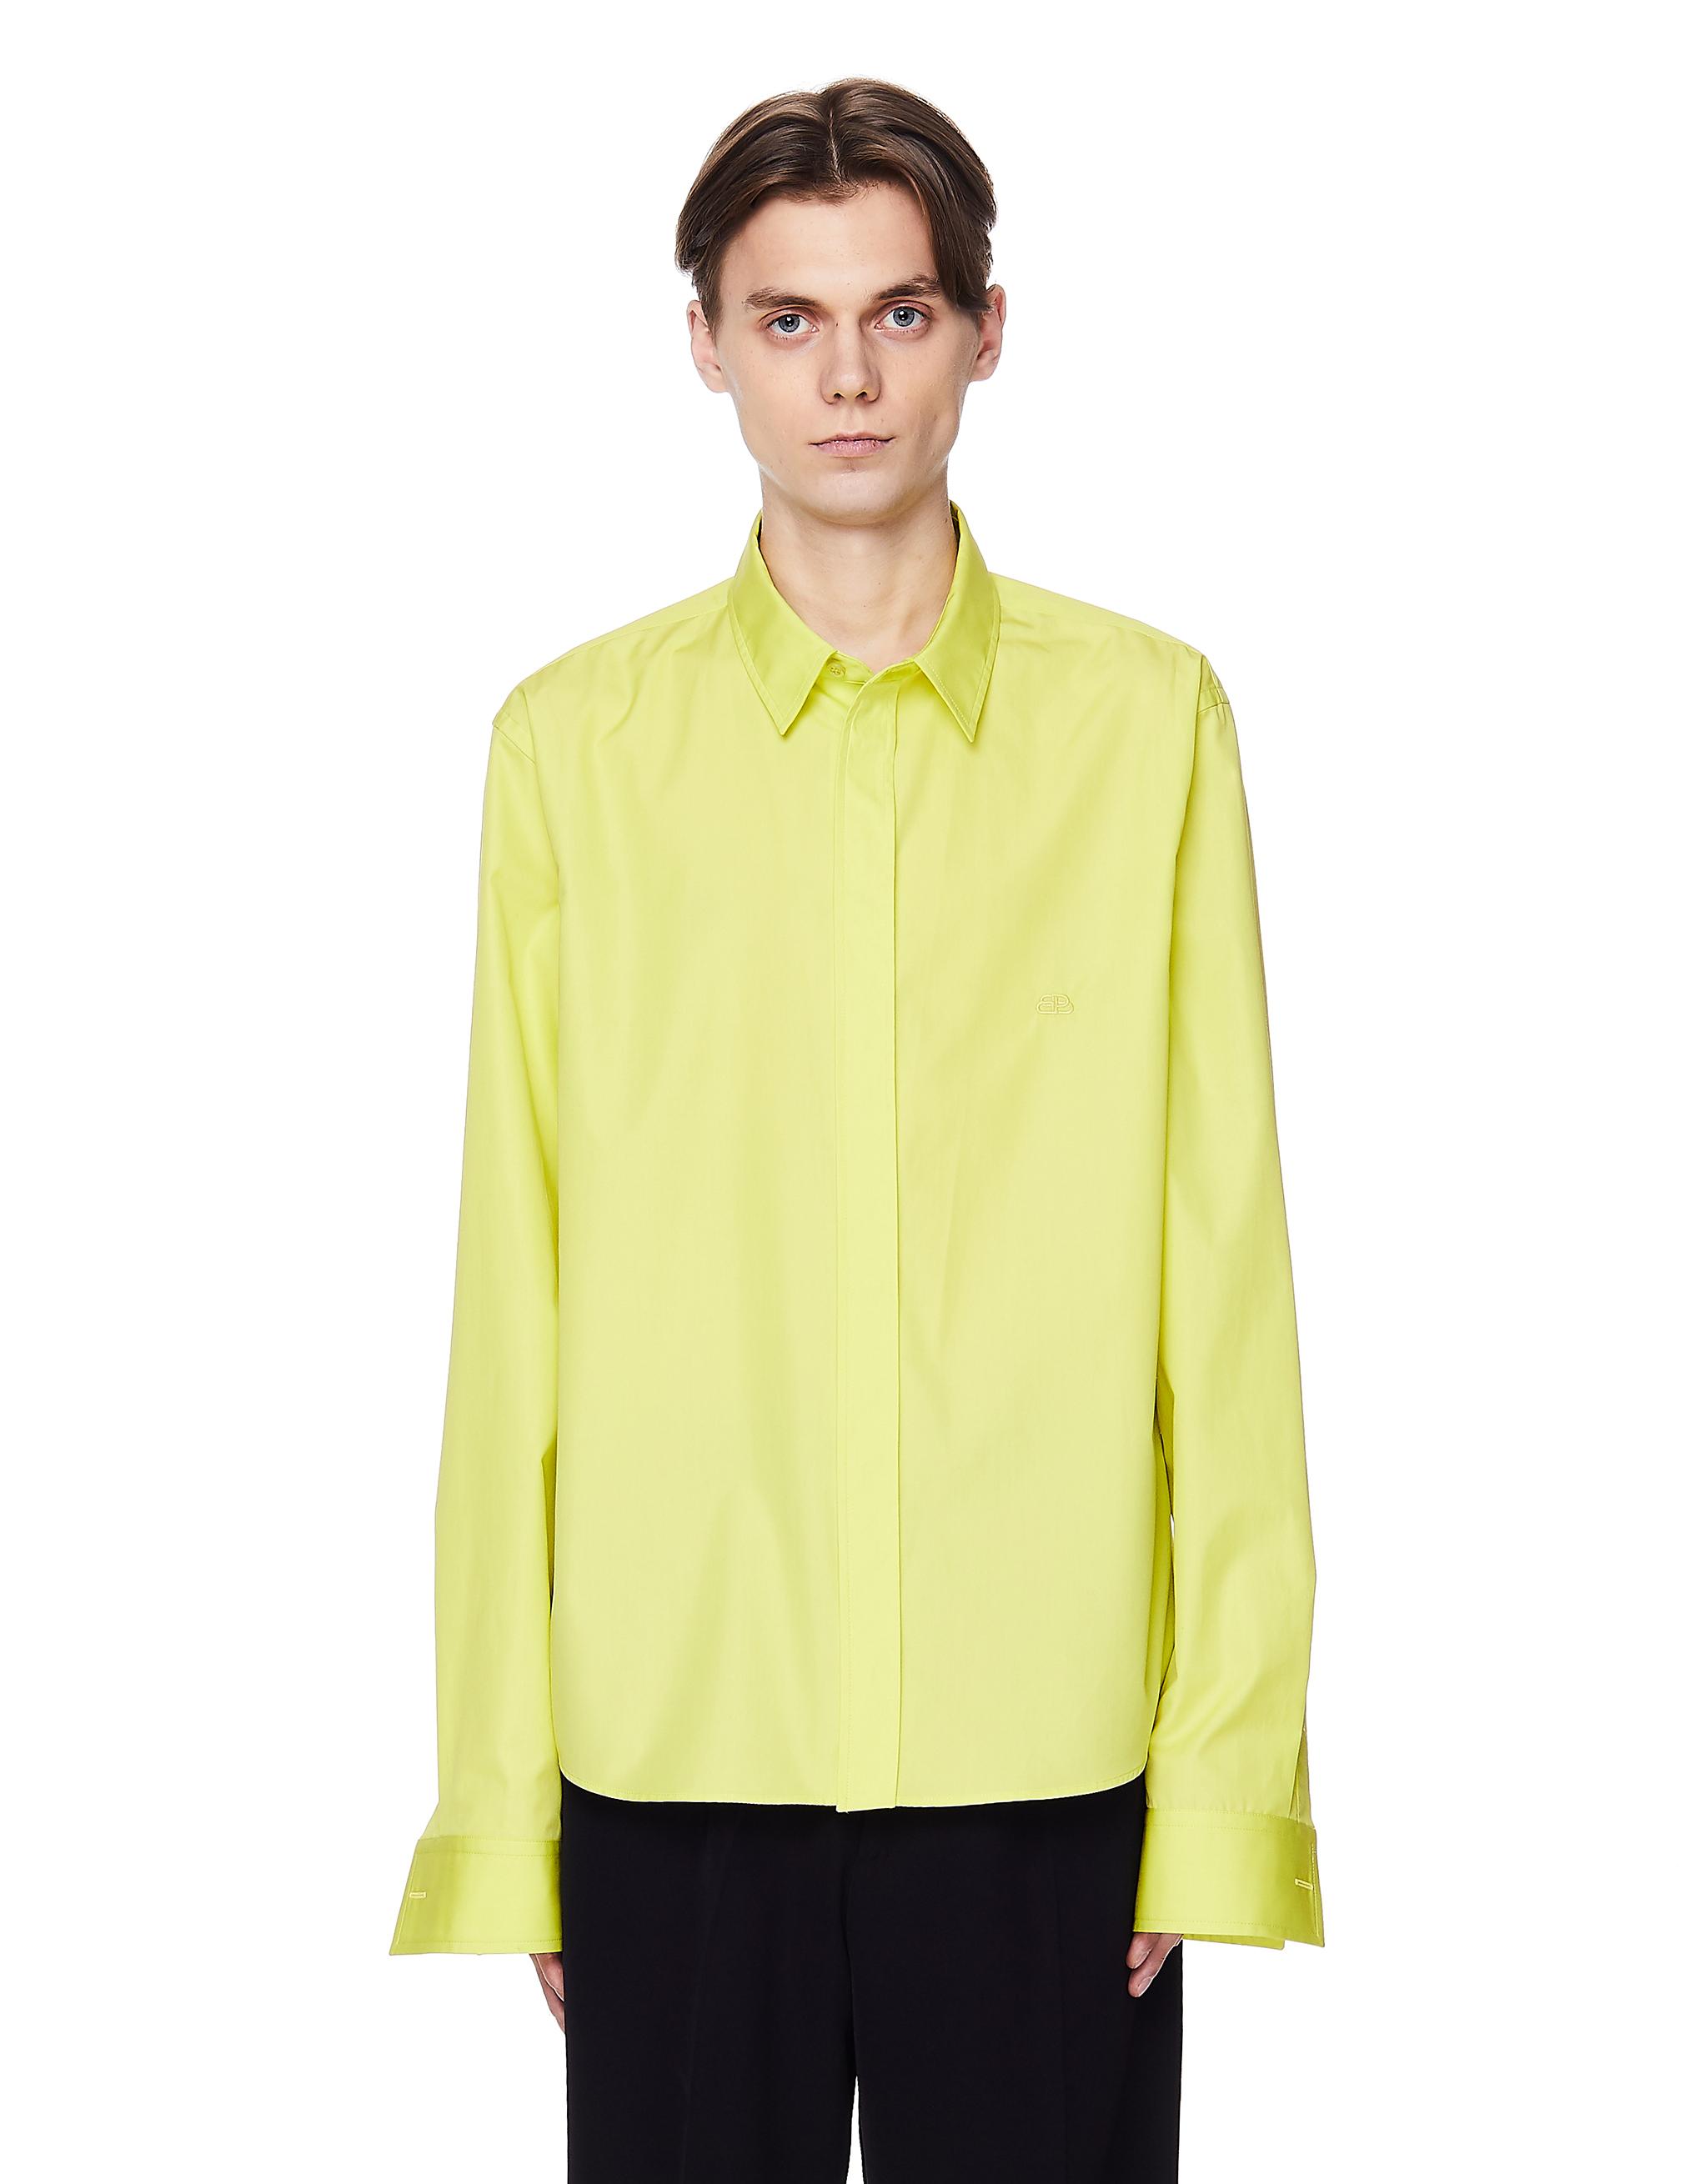 Balenciaga Neon Yellow Cotton Shirt